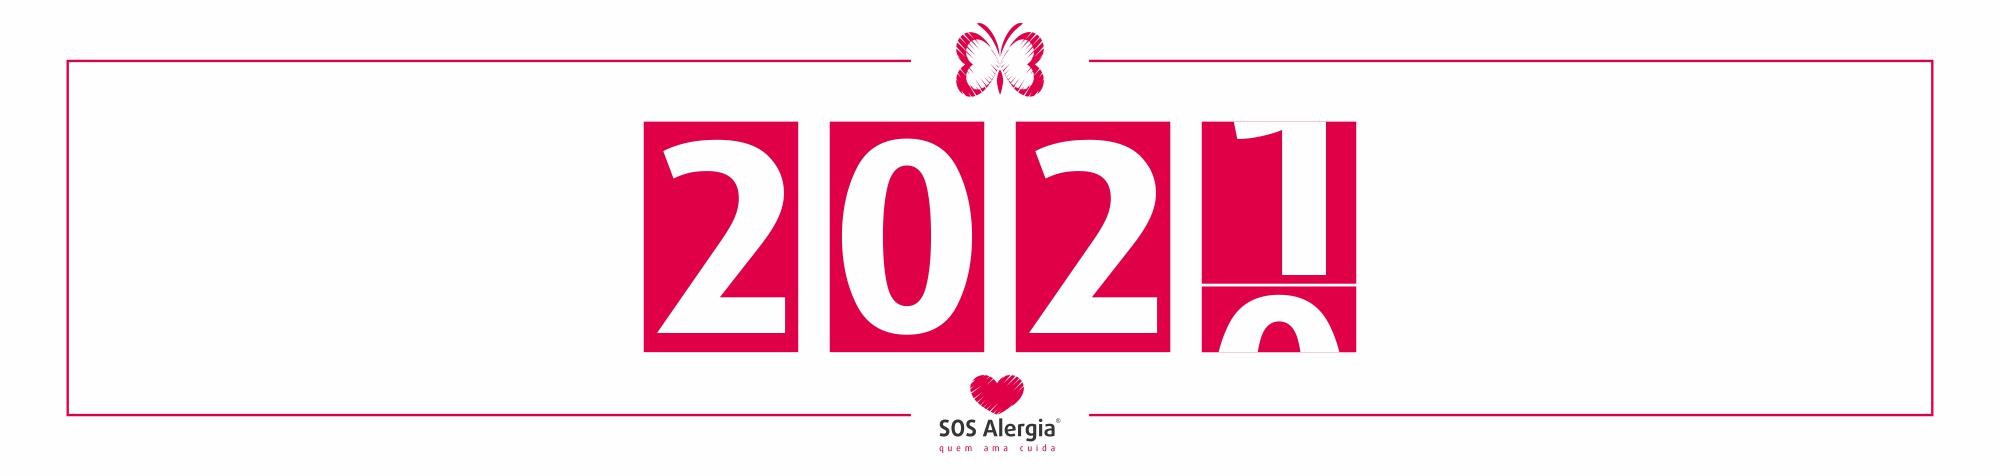 Biscoito de polvilho SOS Alergia